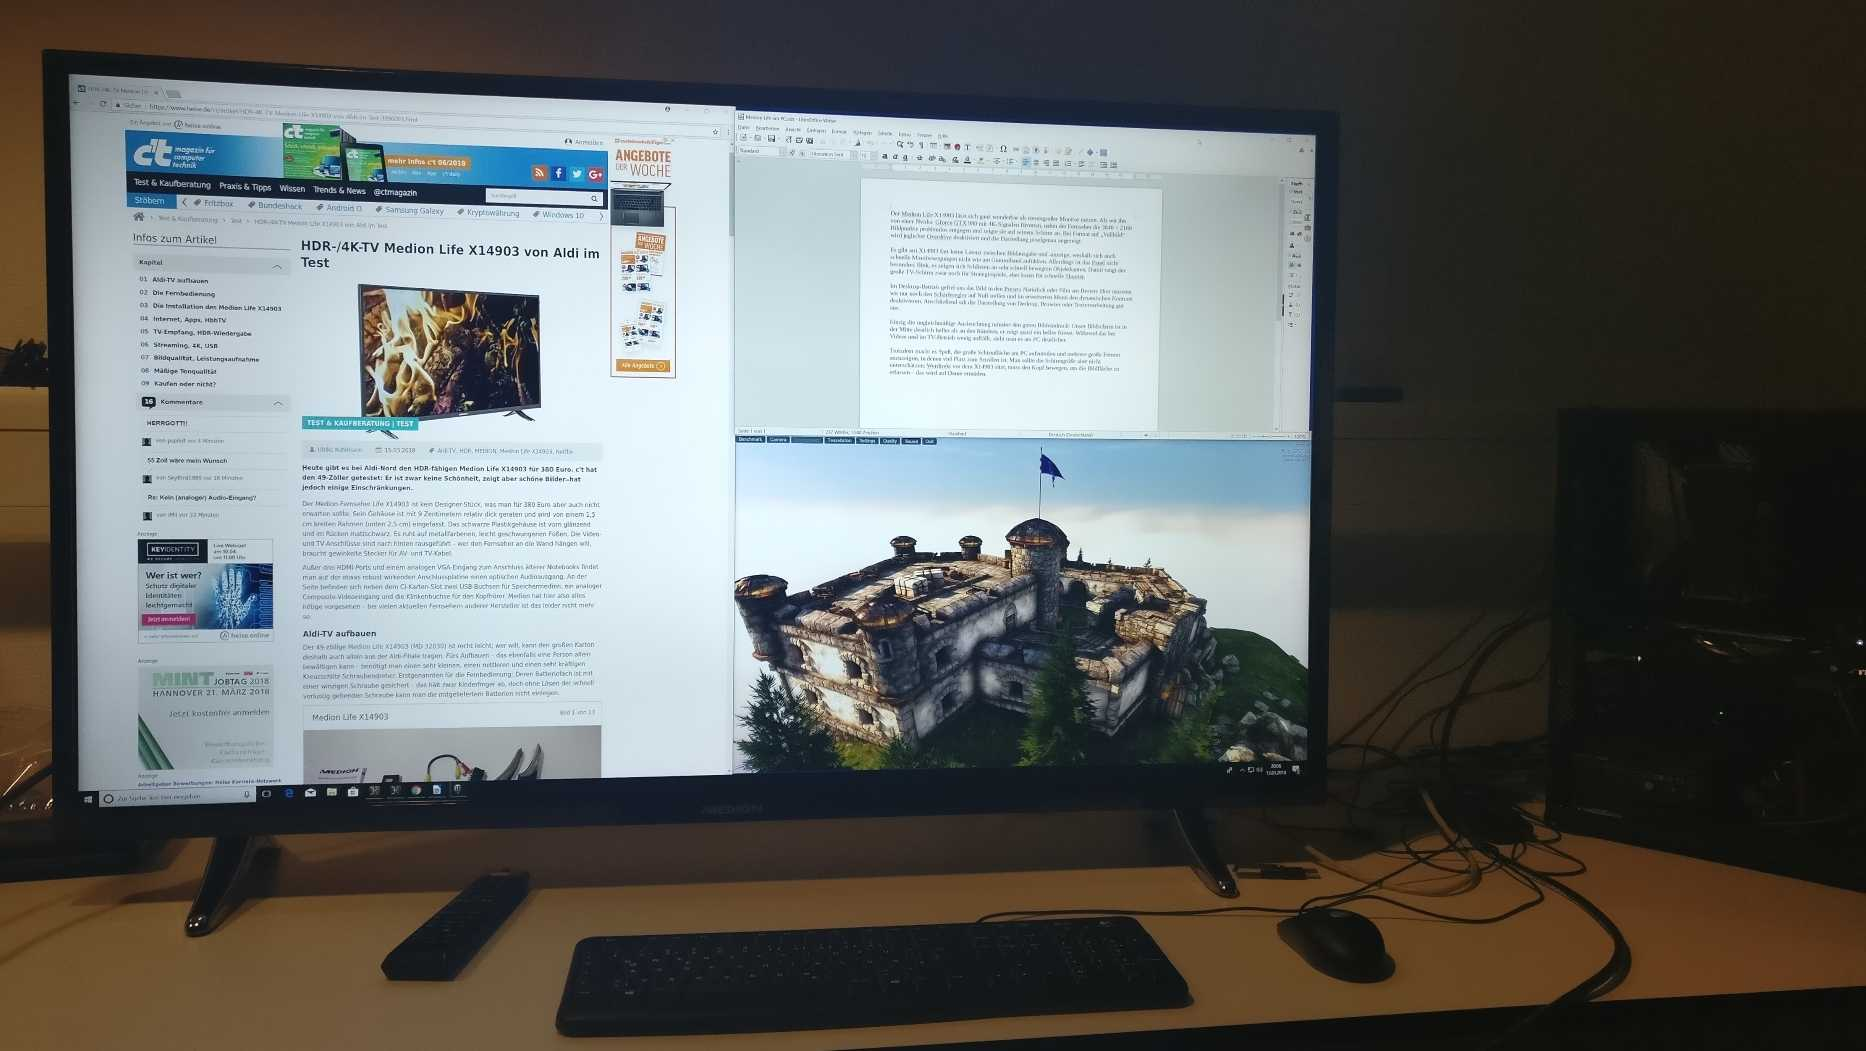 Das Medion.TV stellt PC-Signale pixelgenau dar und zeigt die Signale unverzüglich an.